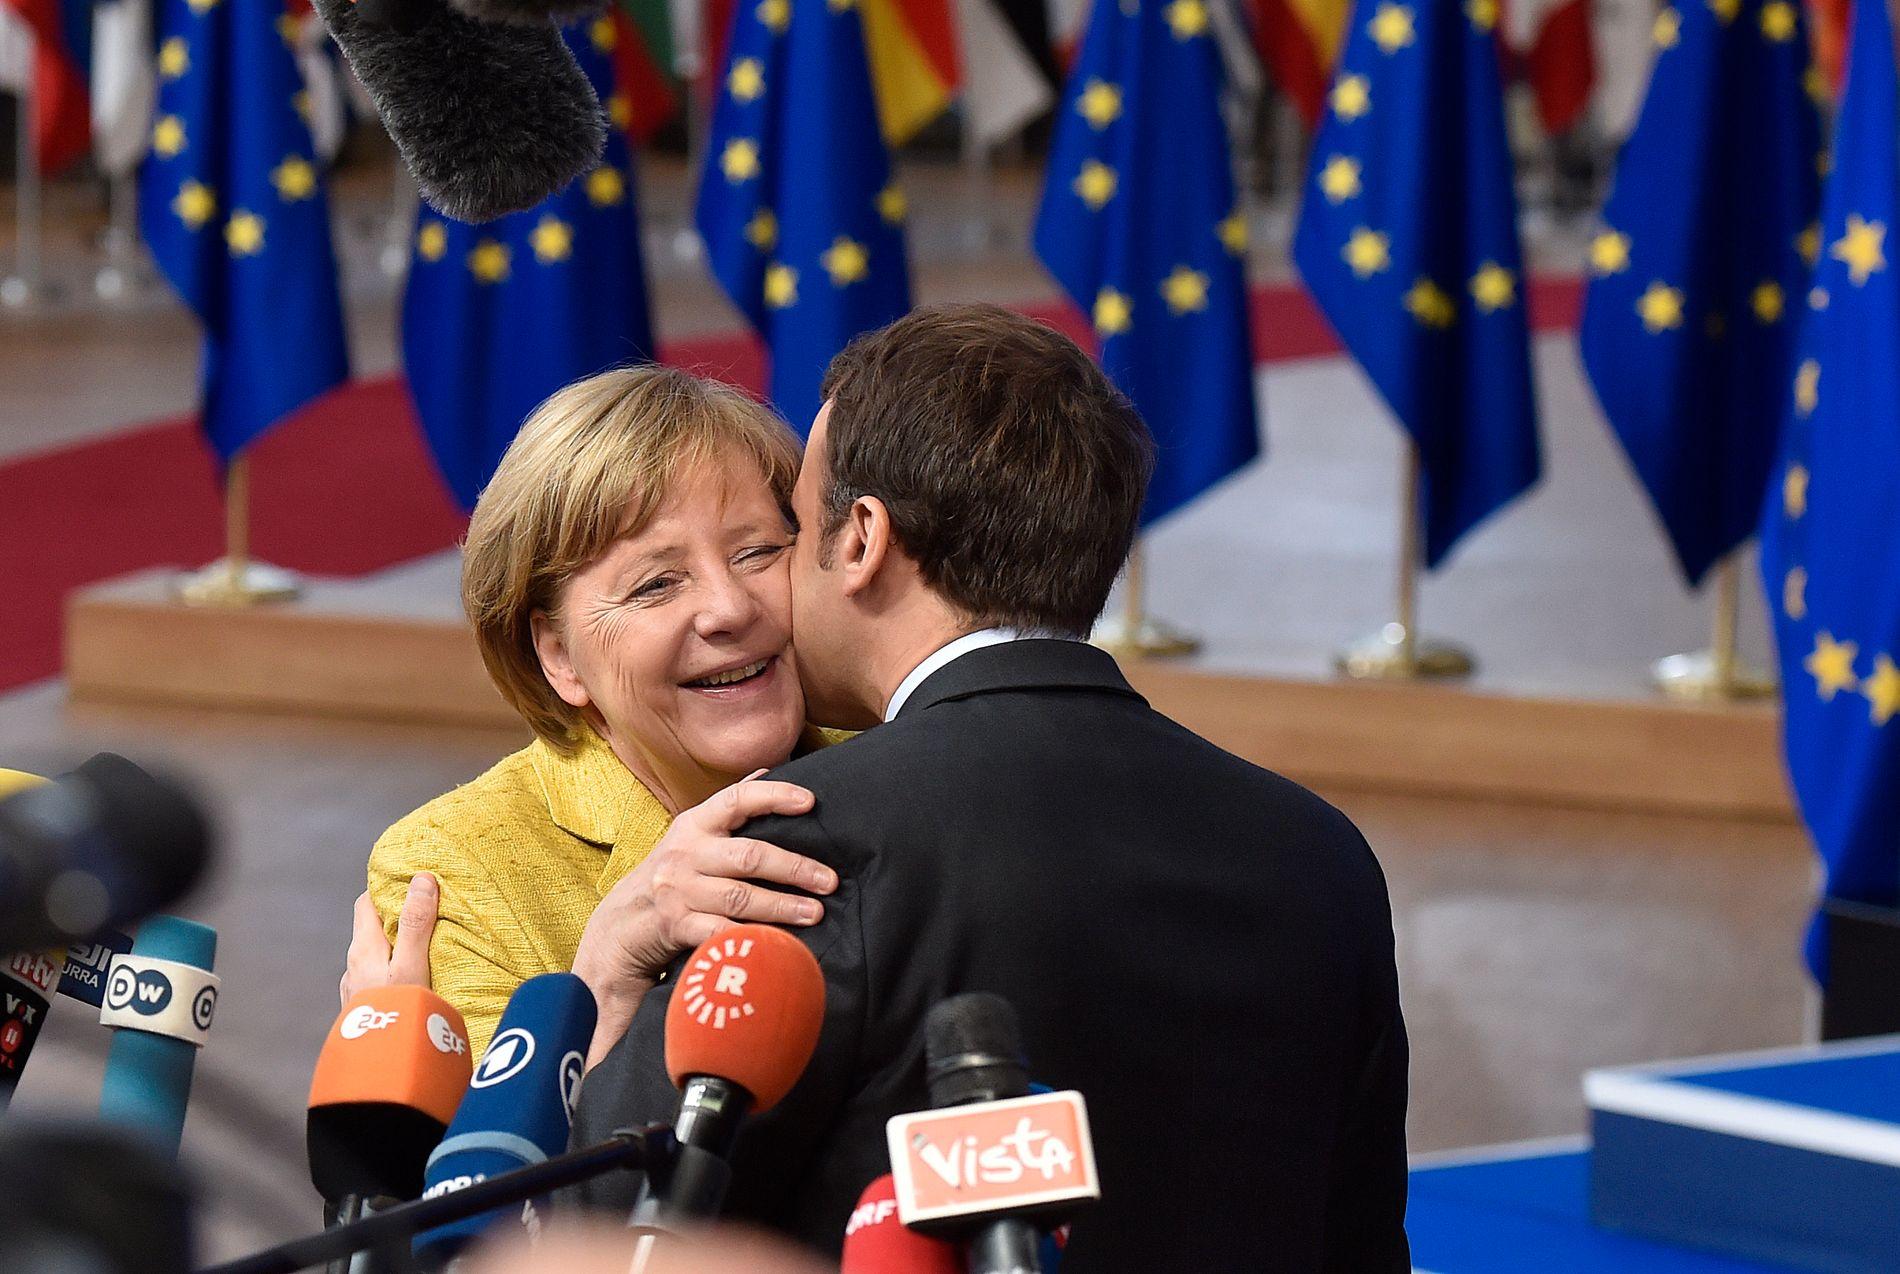 EU: – Aldri har argumentene for fullt medlemskap vært så mange og rasjonelle som nå. Spørsmålet er hvorfor vi ikke ser dem, skriver kronikkforfatteren. Bildet: Frankrikes president Emmanuel Macron og Tysklands kansler Angela Merkel i Brussel i fjor.